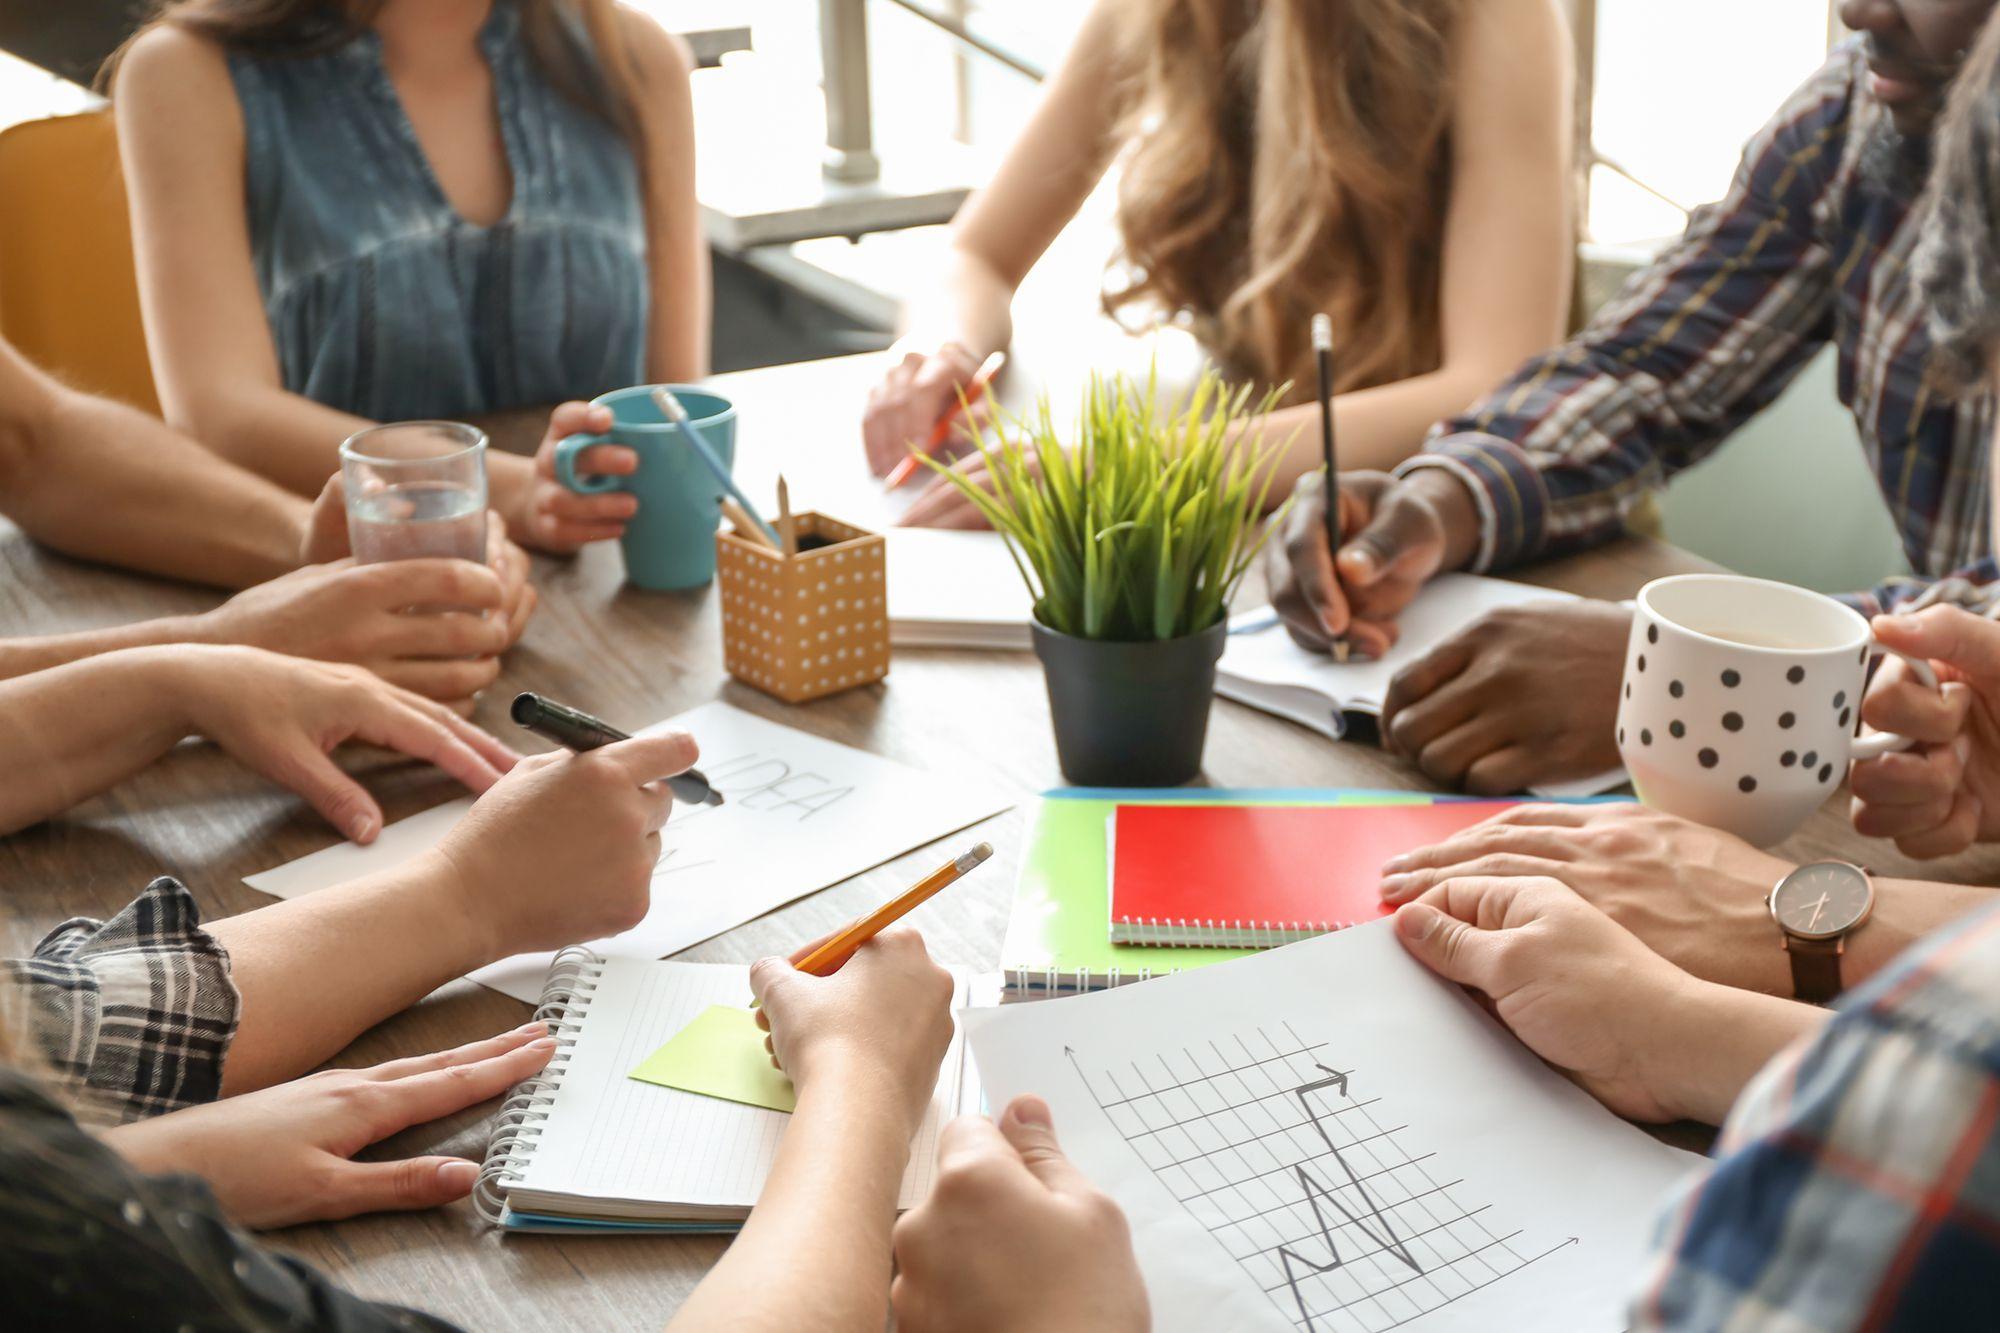 Os eventos corporativos têm se tornado cada vez comuns no mundo dos negócios, principalmente como uma forma de promoção da marca, alinhamento da equipe, melhora no clima organizacional, definição de…